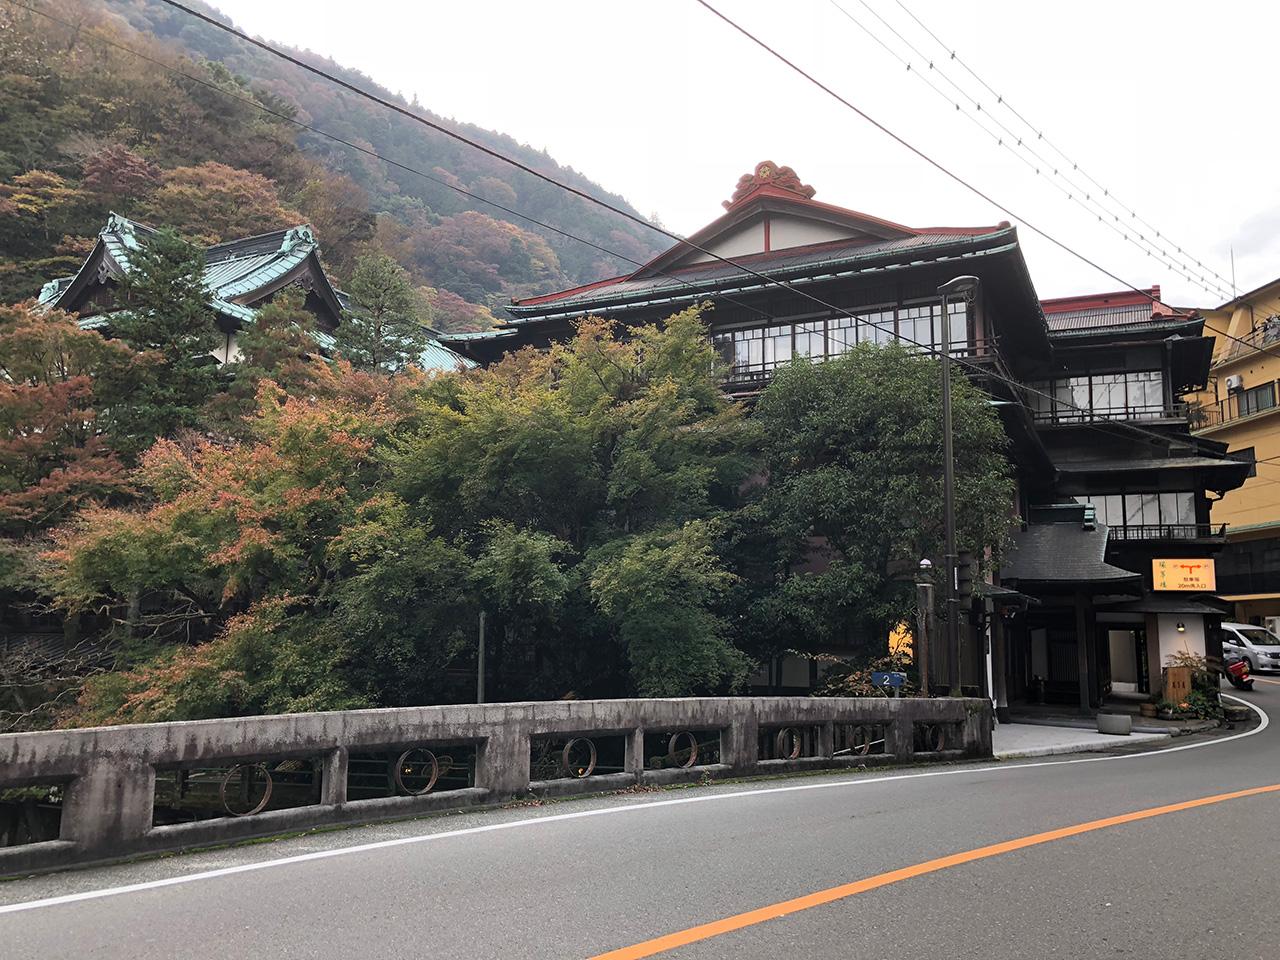 箱根 塔之沢の旅館〈環翠楼〉